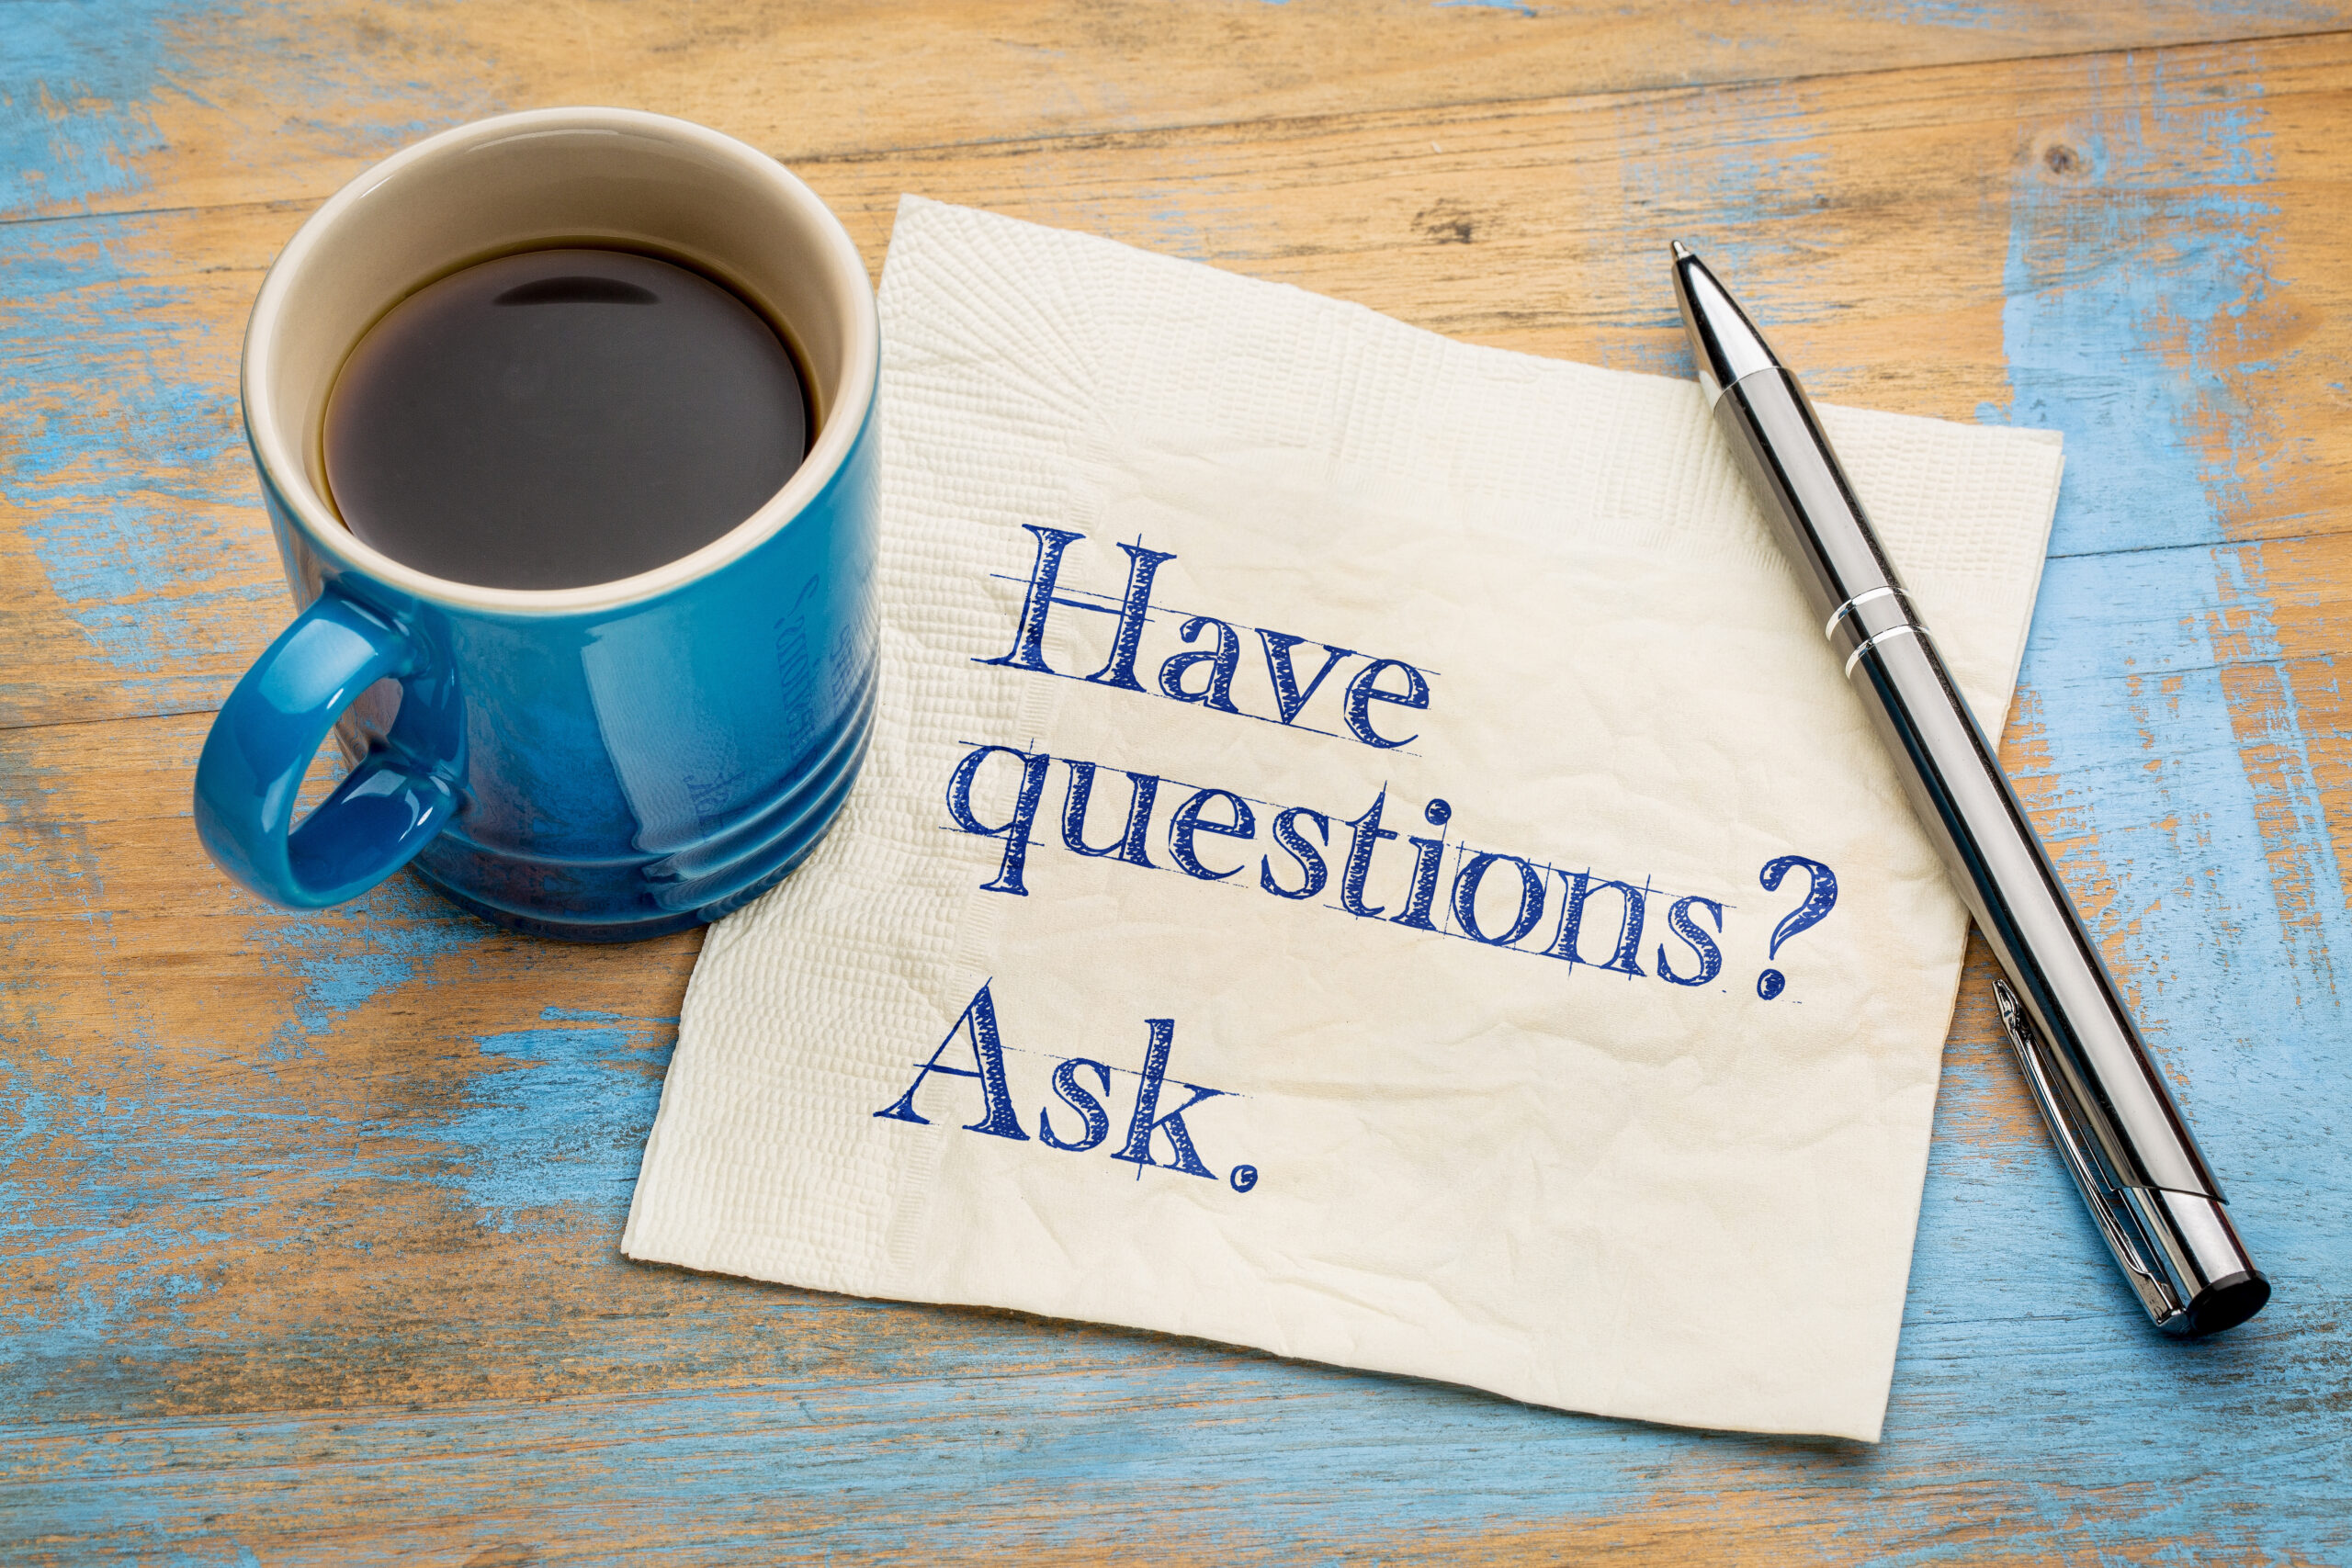 ブライダルのプロに相談!婚約指輪&結婚指輪の疑問・質問、全部答えます